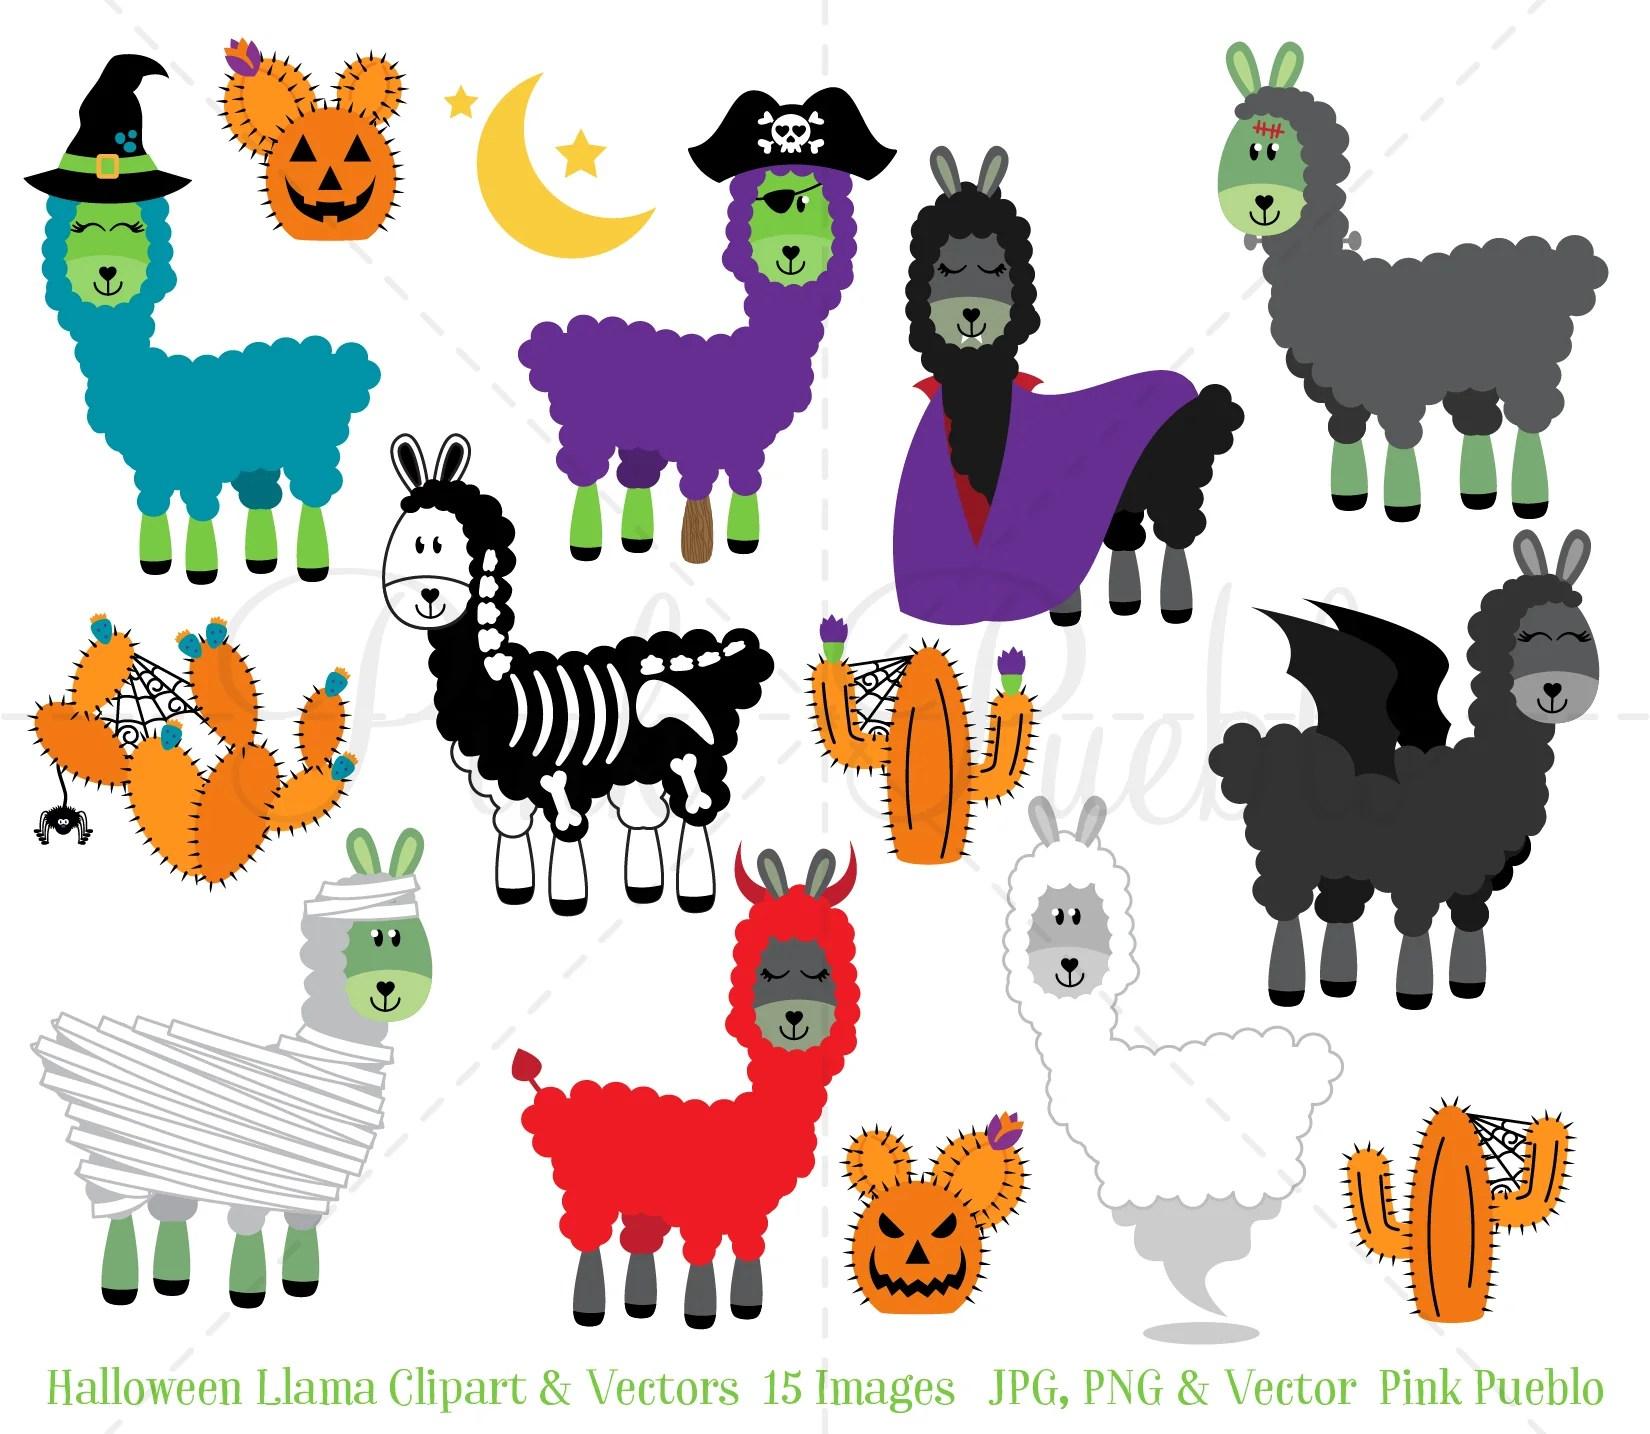 halloween llama clipart and vectors [ 1650 x 1434 Pixel ]